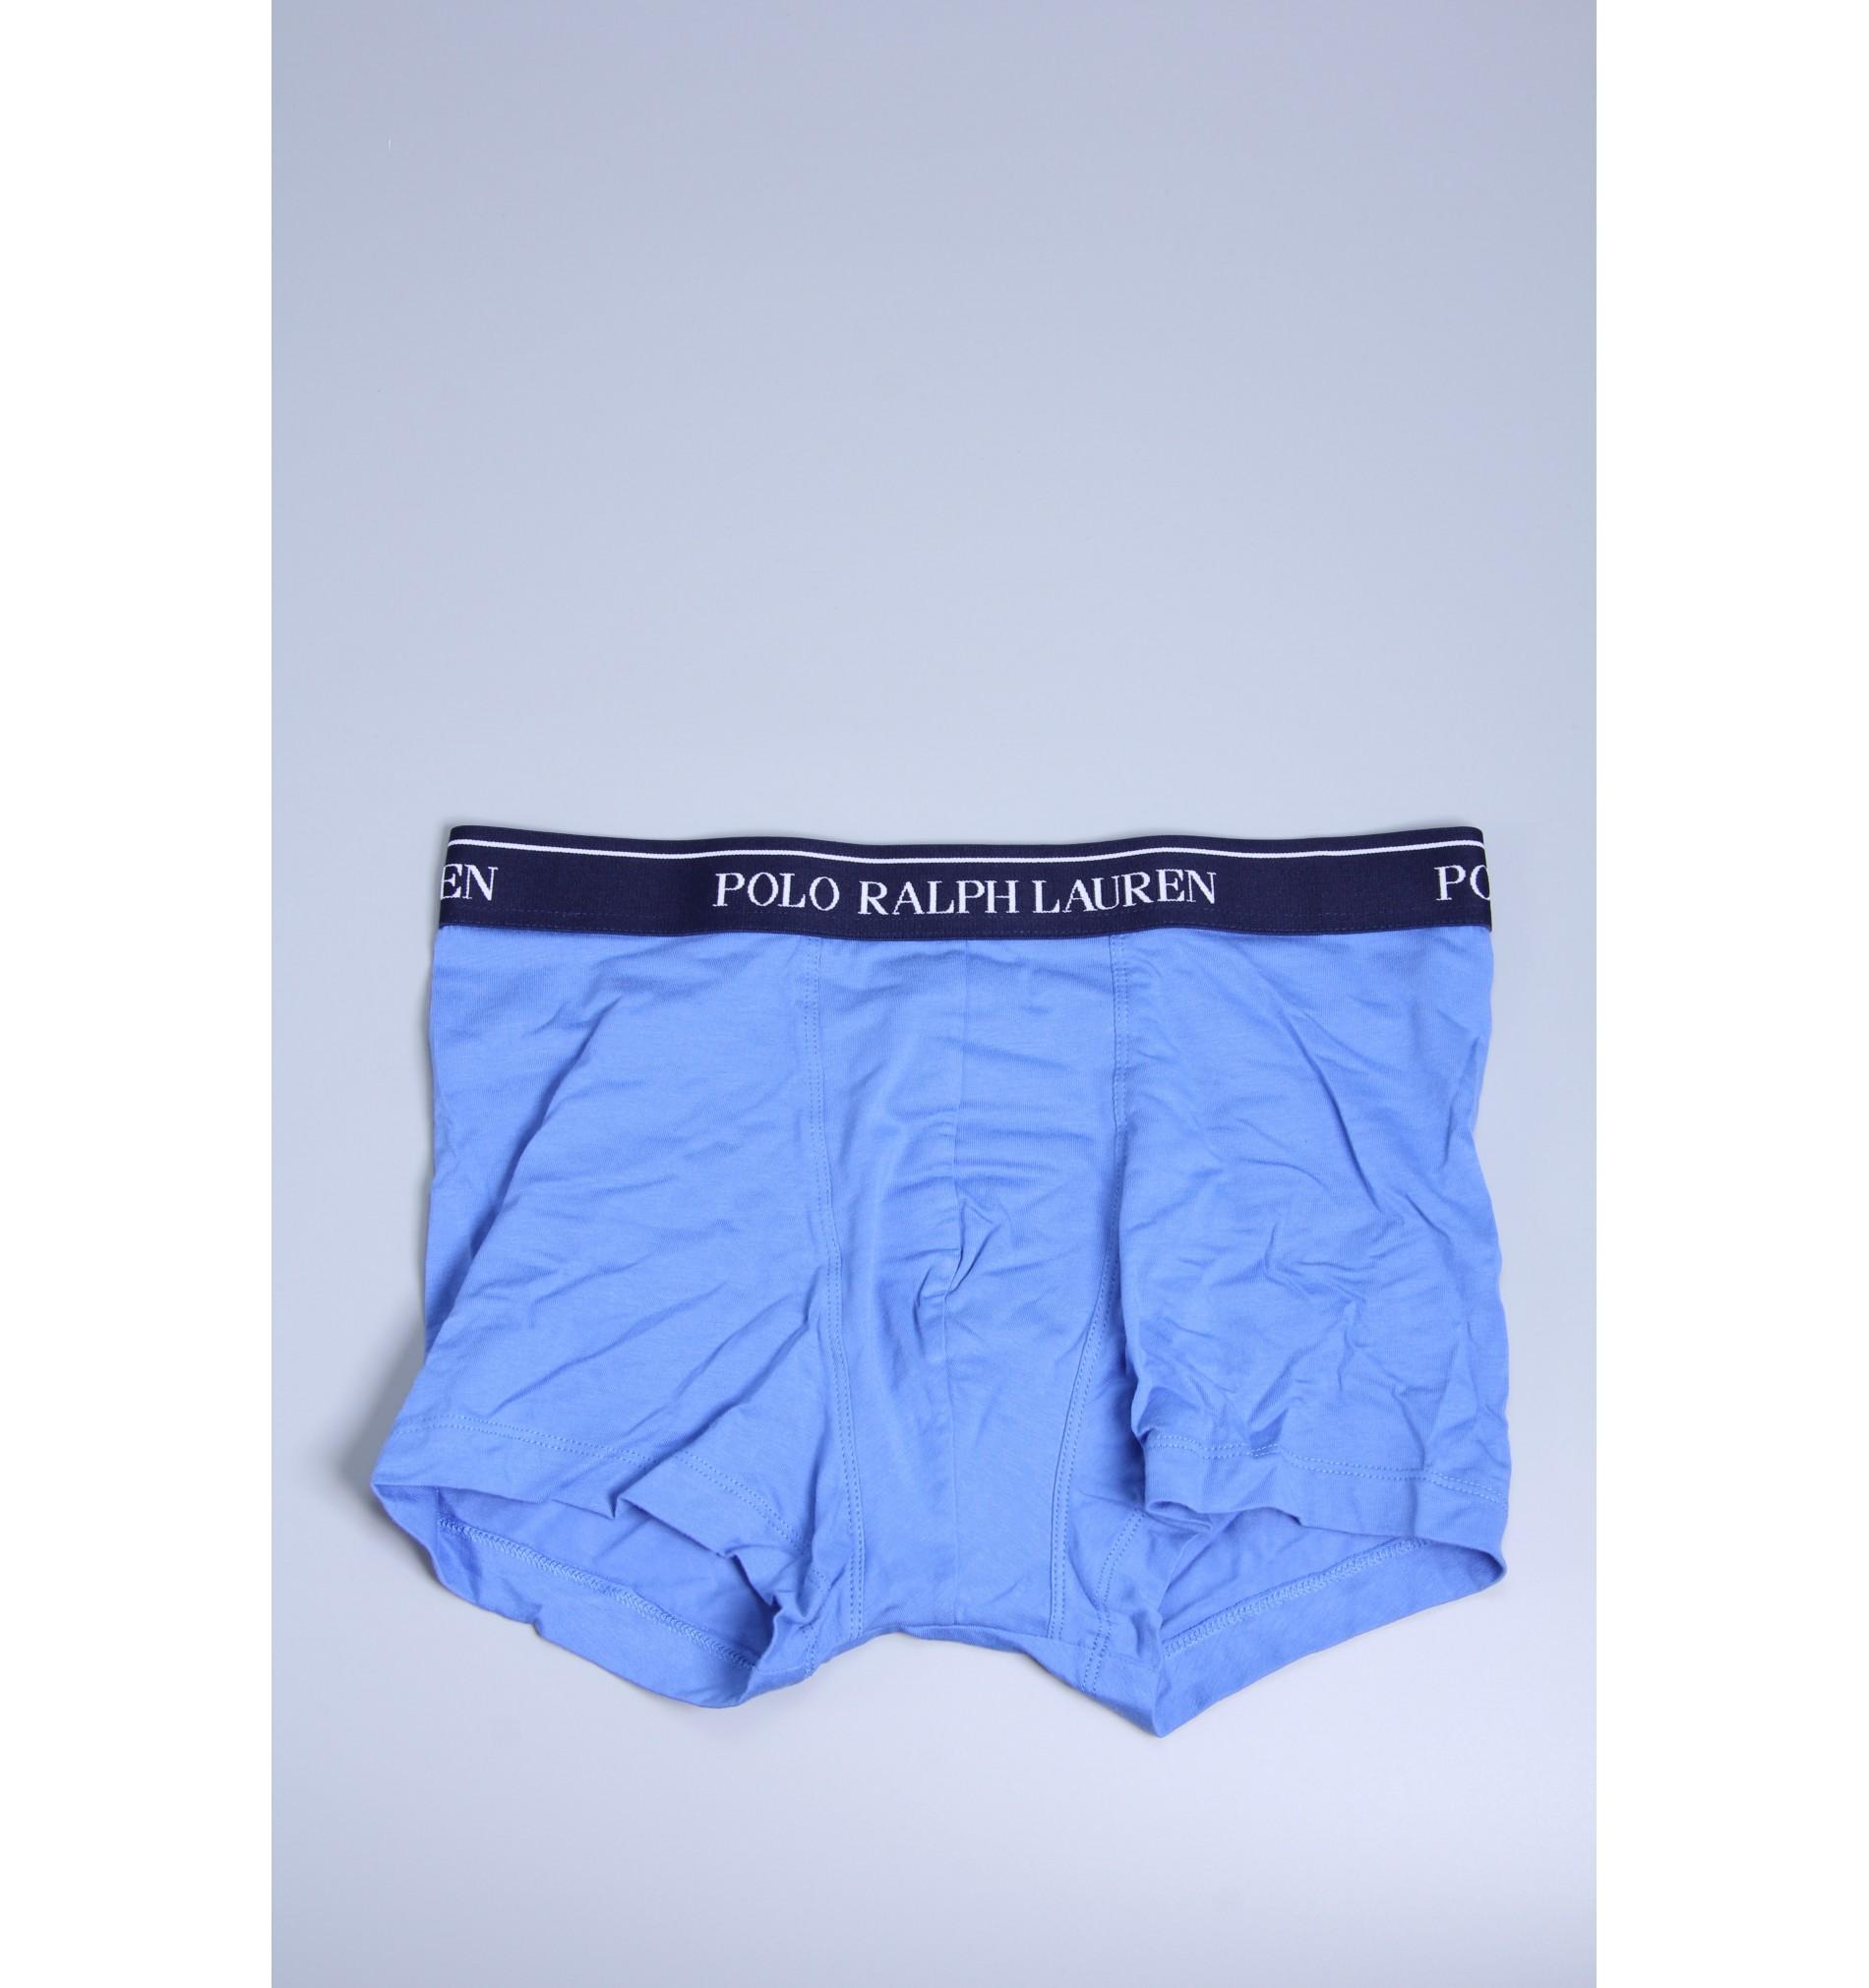 Polo boxerky '714621926-007' svetlo-modré  007